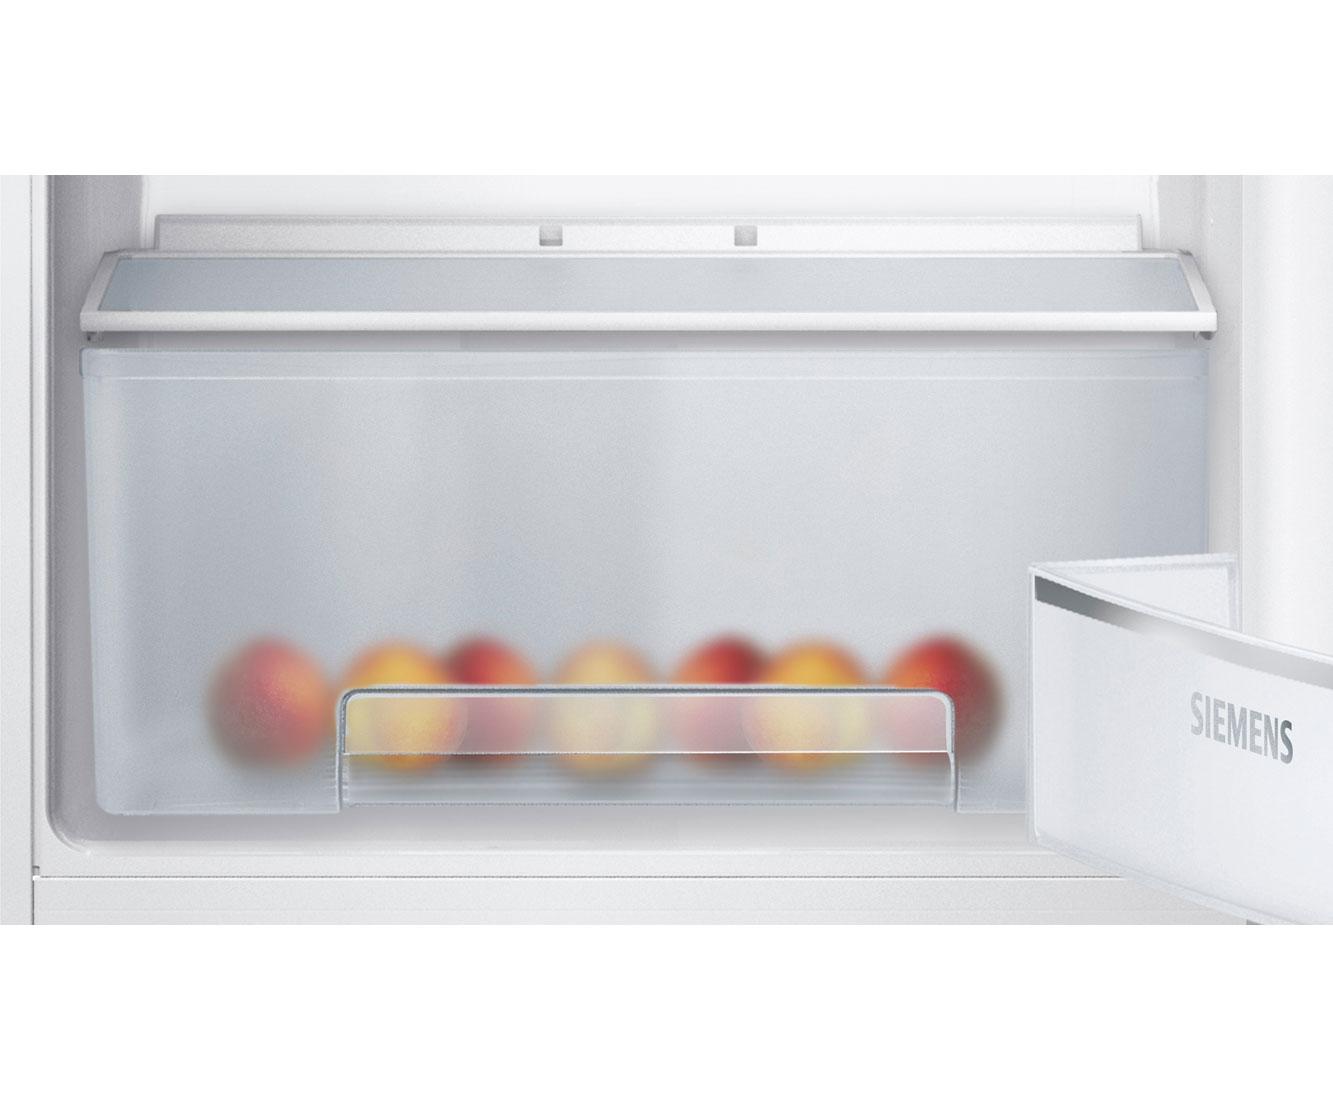 Kühlschrank Richtig Einräumen Siemens : Siemens iq ki lv einbau kühlschrank mit gefrierfach er